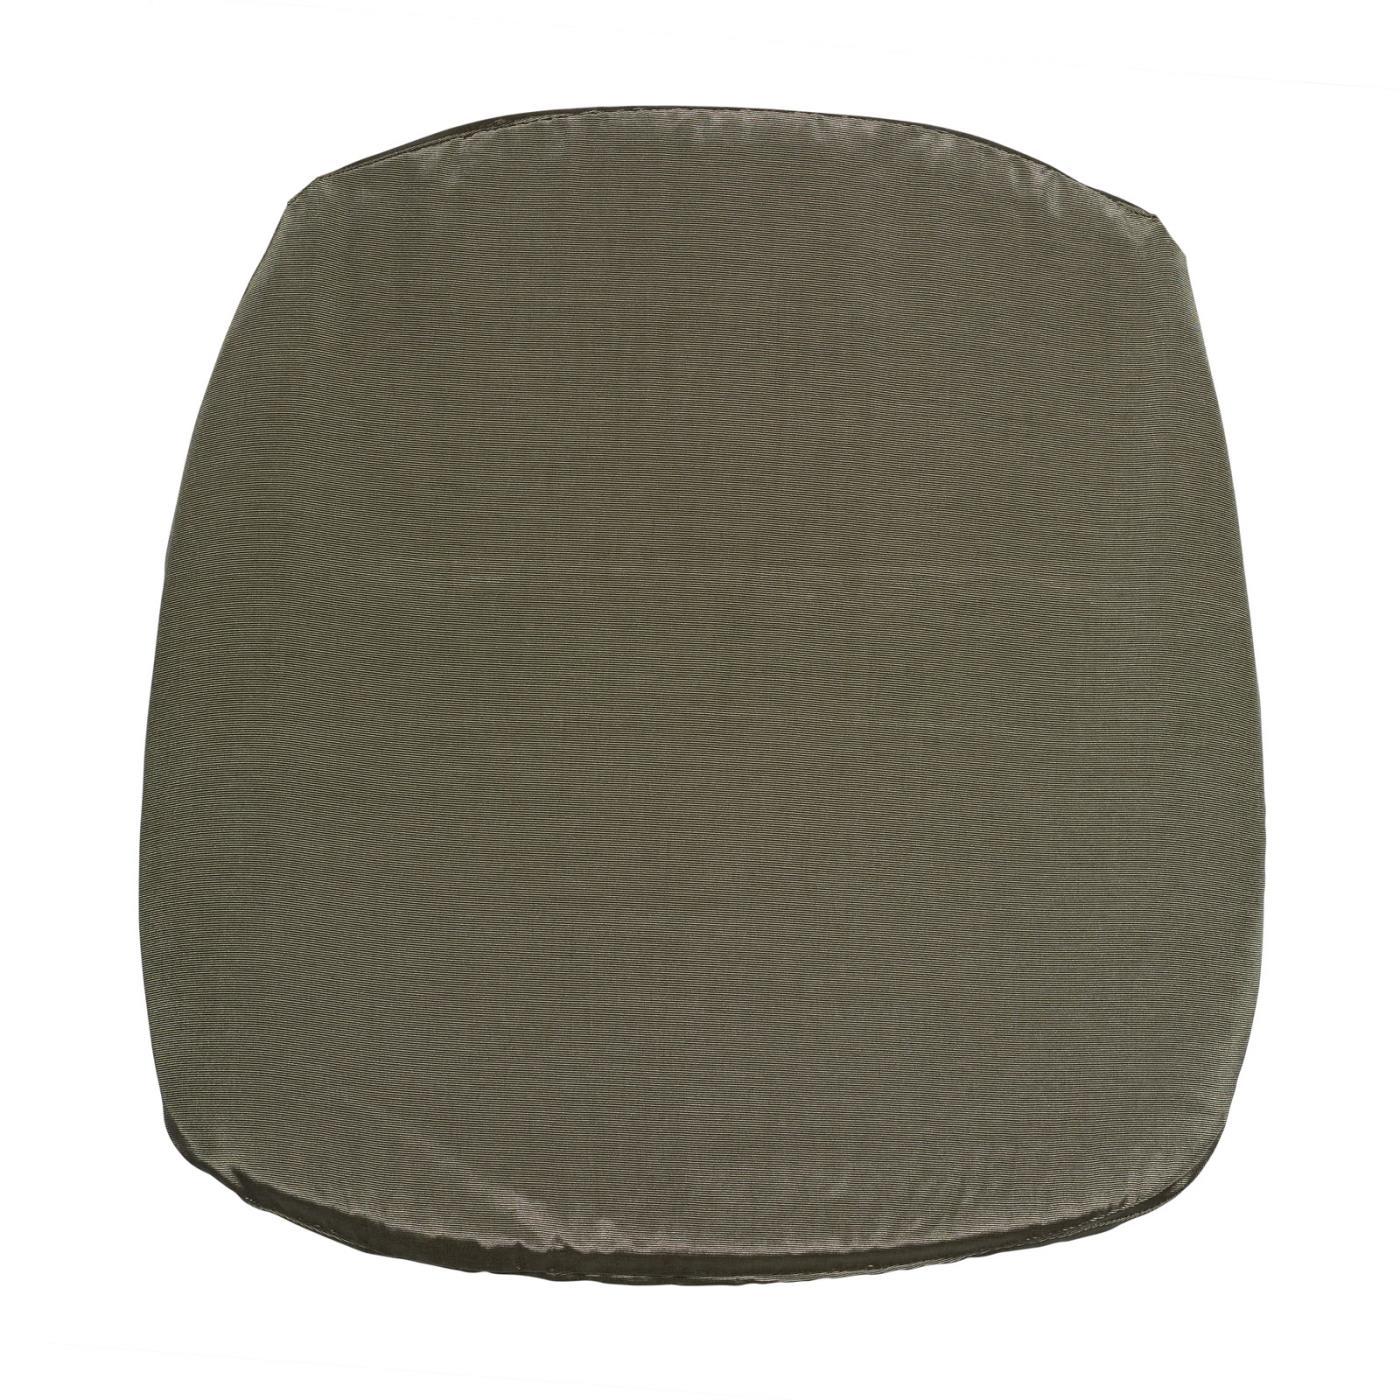 Bengaline Seat Cushion - Sage